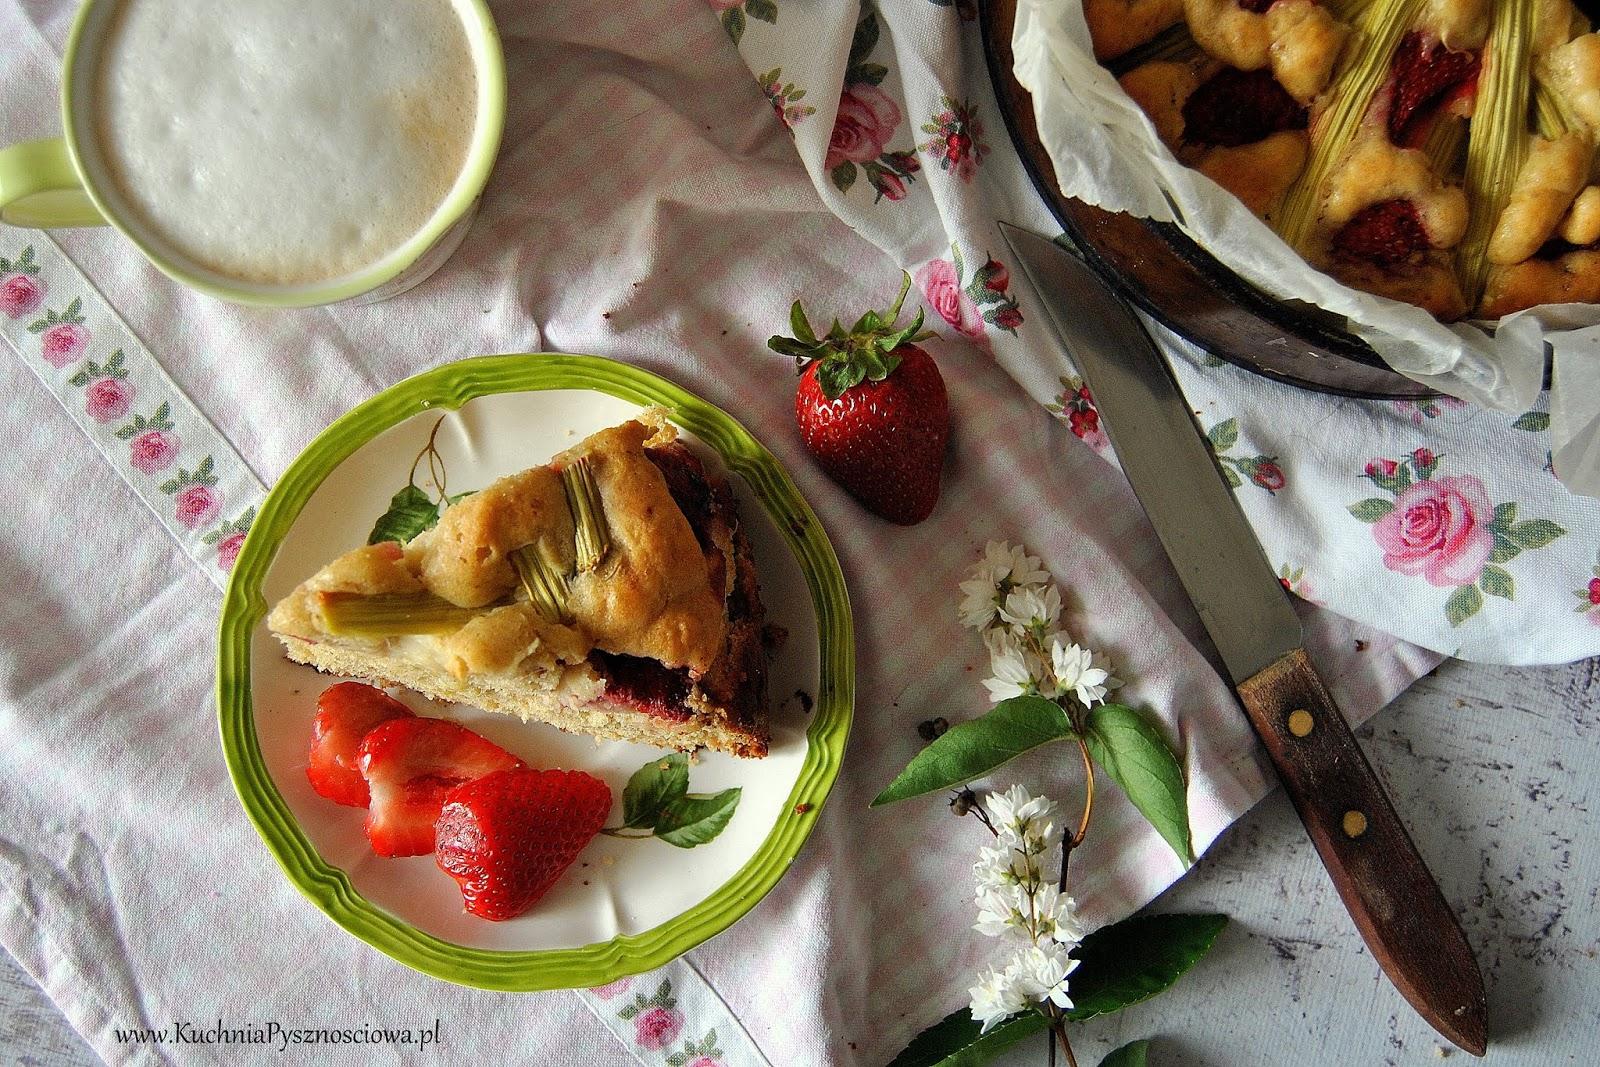 608. Ciasto z rabarbarem, truskawkami i białą czzekoladą